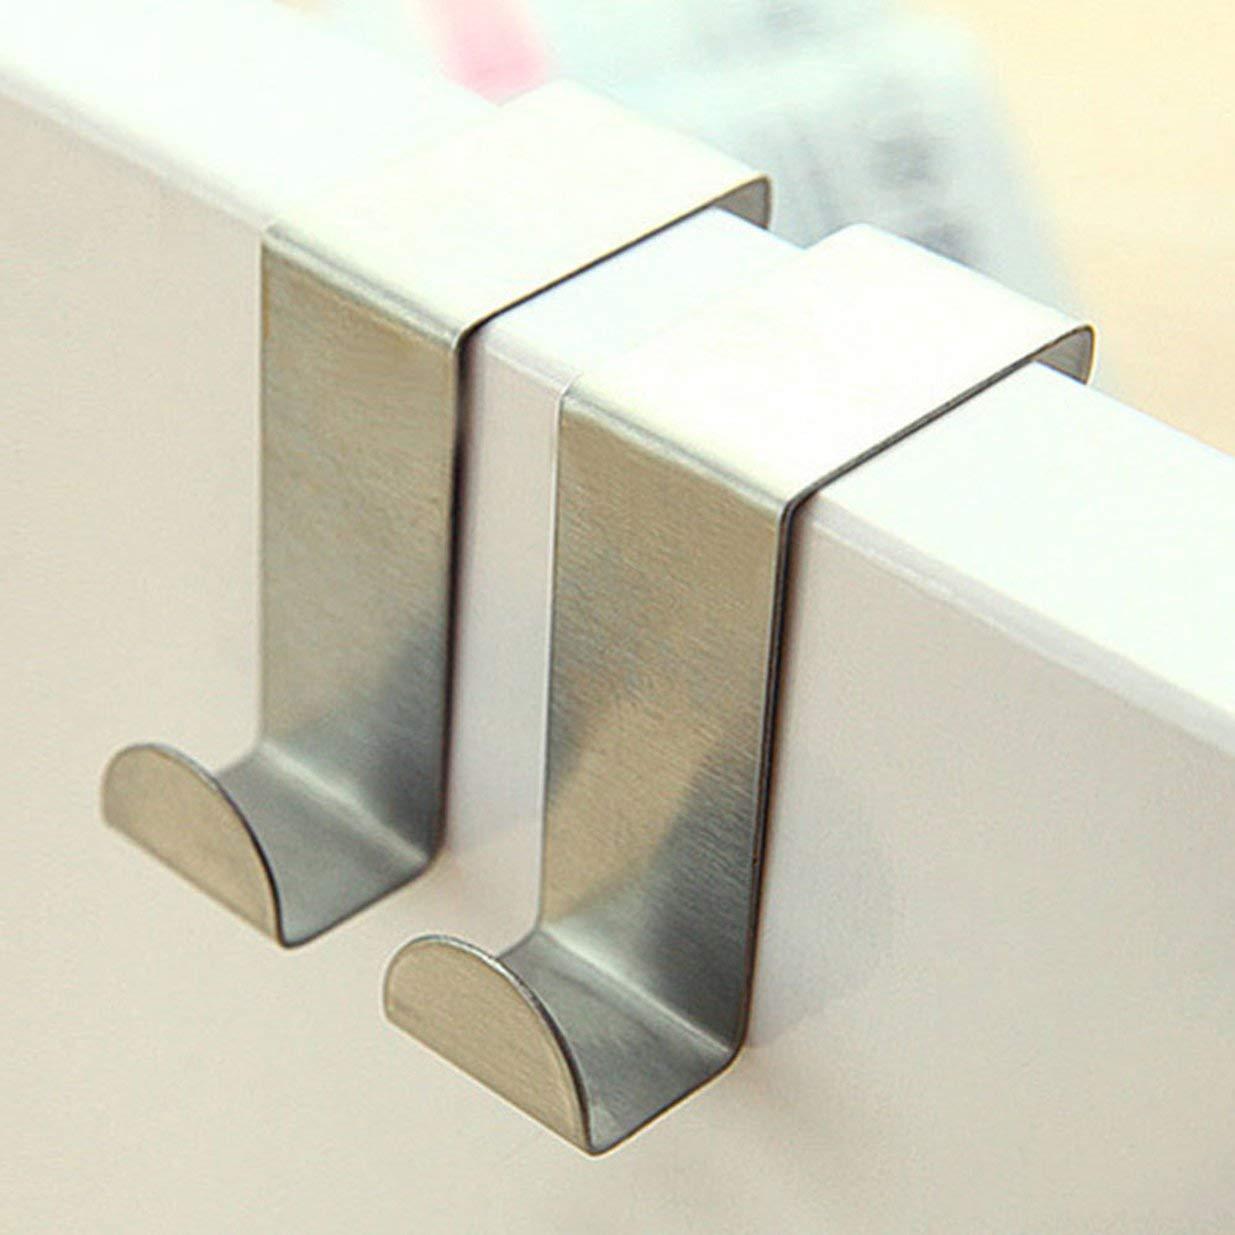 Astilla Ganchos para colgar en la puerta Toallero colgante Acero inoxidable Uso m/últiple en forma de Z Gabinete Ganchos para puertas Organizador de almacenamiento